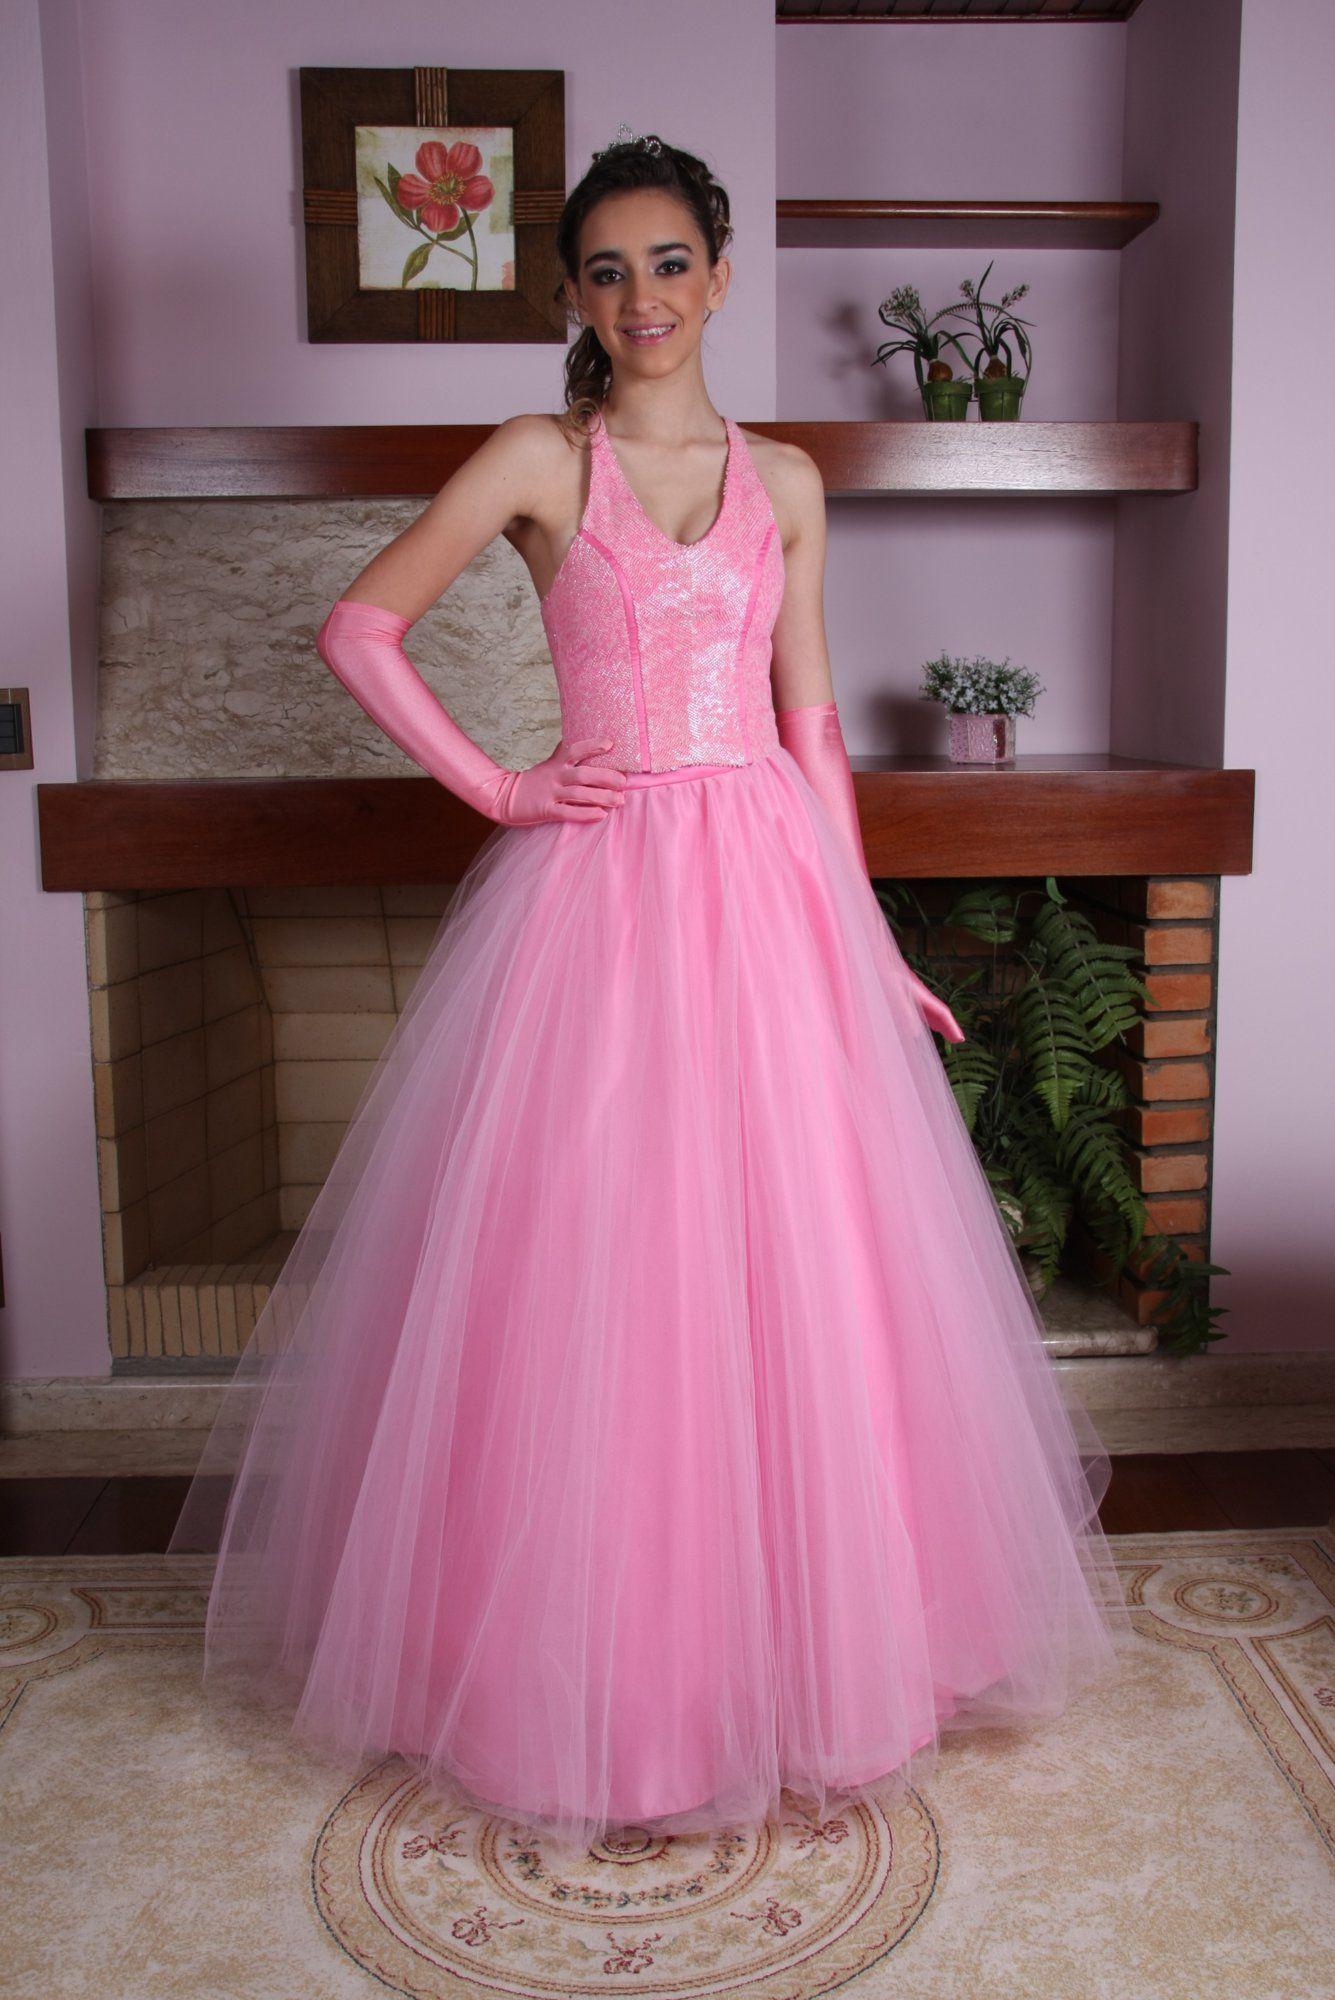 Vestido de Debutante Rosa - 7 - Hipnose Alta Costura e Spa para Noivas e Noivos - Campinas - SP Vestido de Debutante, Vestido de Debutante Rosa, Hipnose Alta Costura